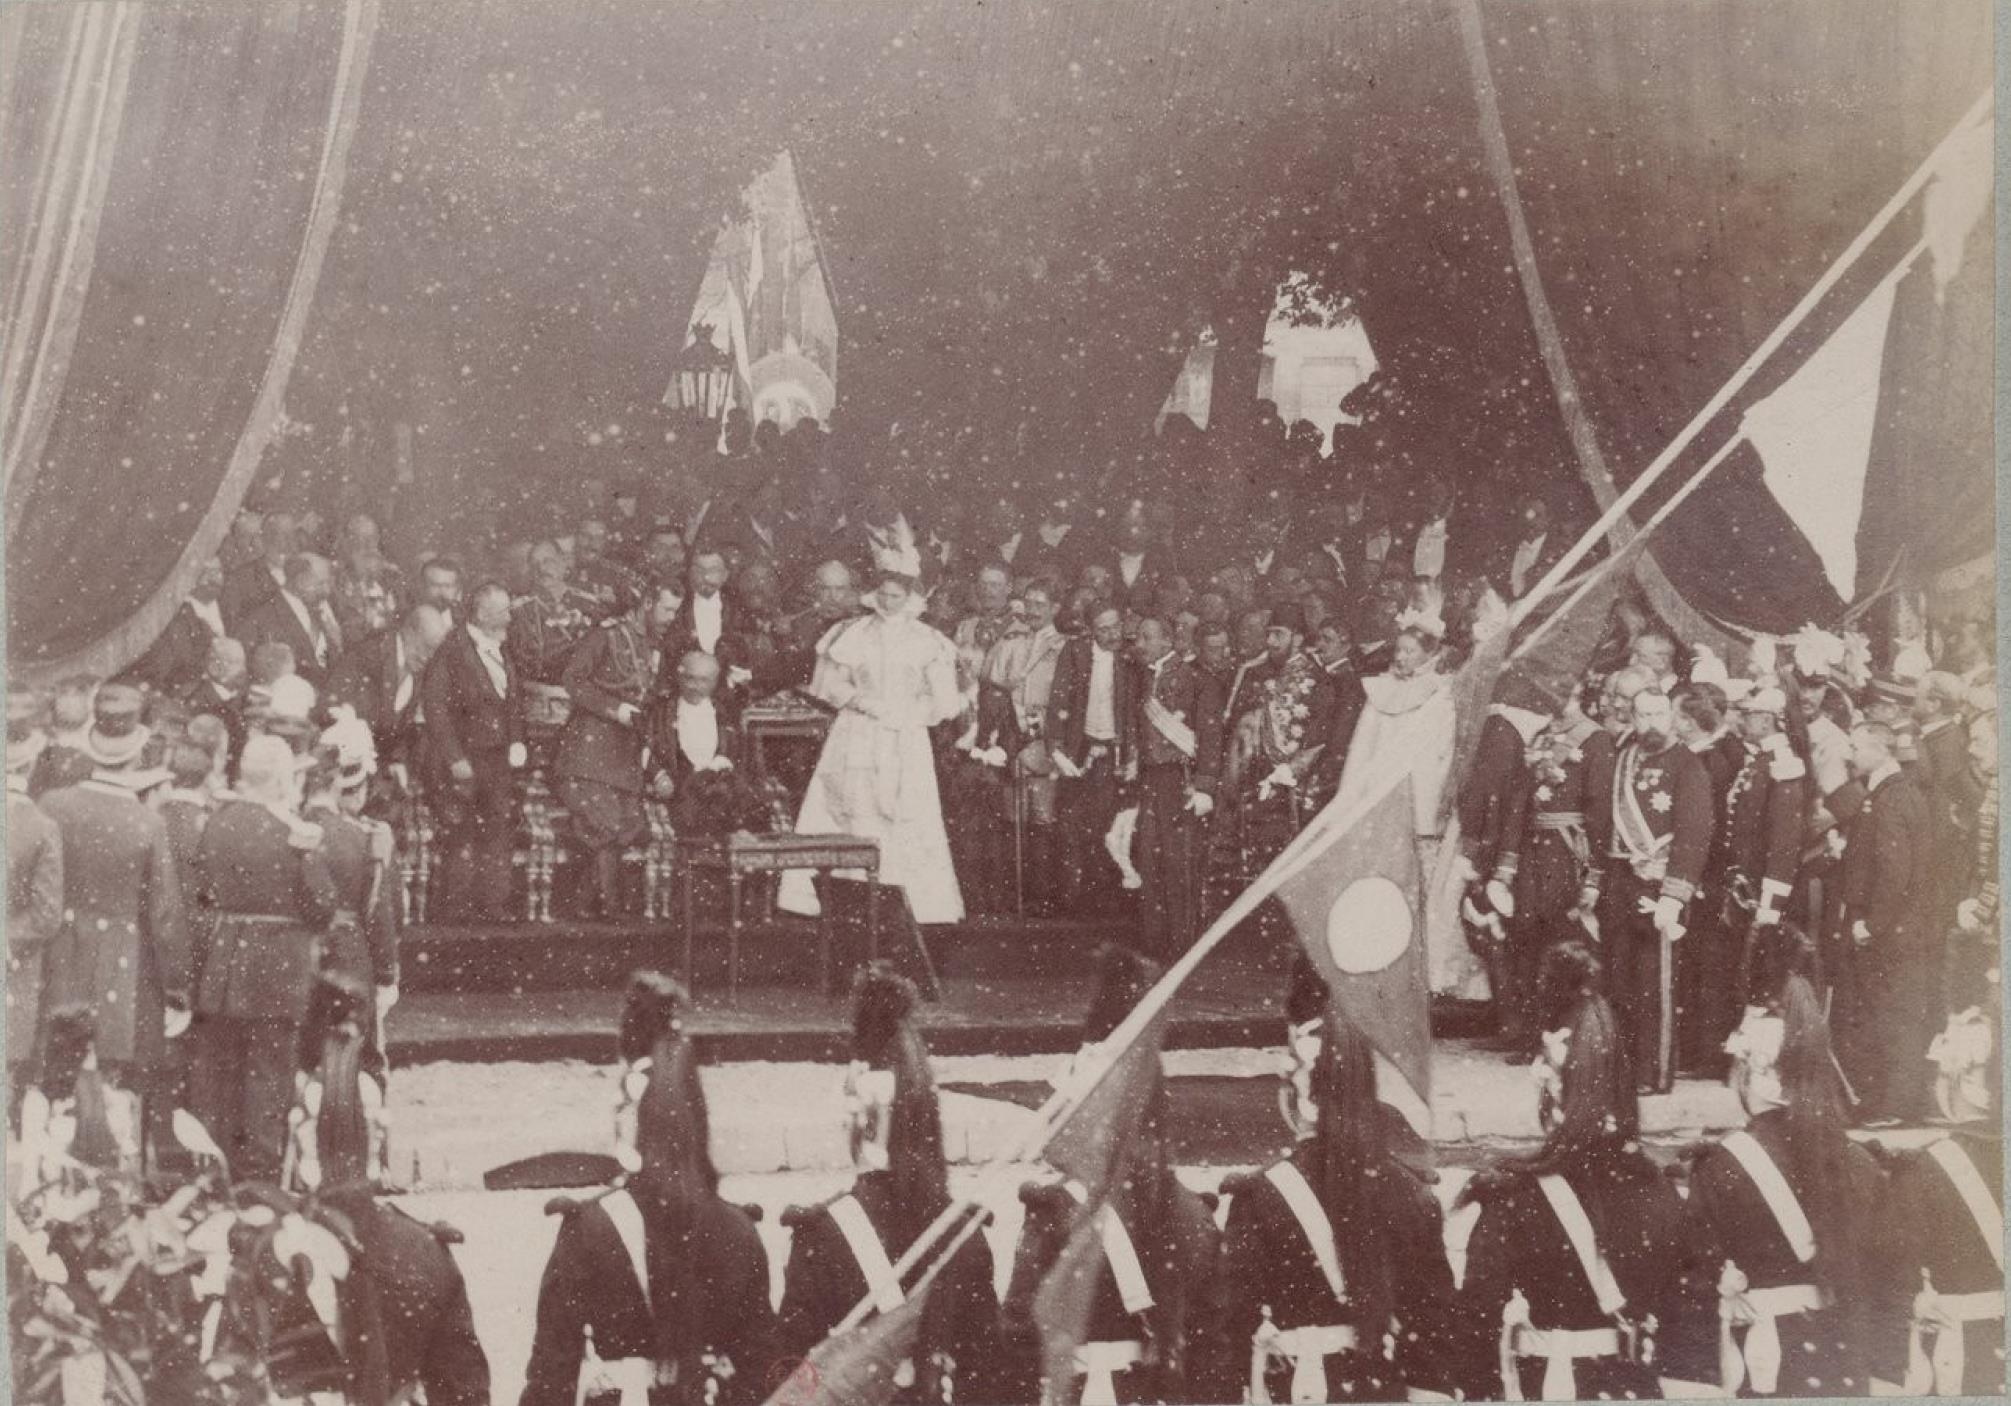 26. Шатёр, устроенный для встречи императора Николая II, императрицы Александры Федоровны и президента Феликса Фора.